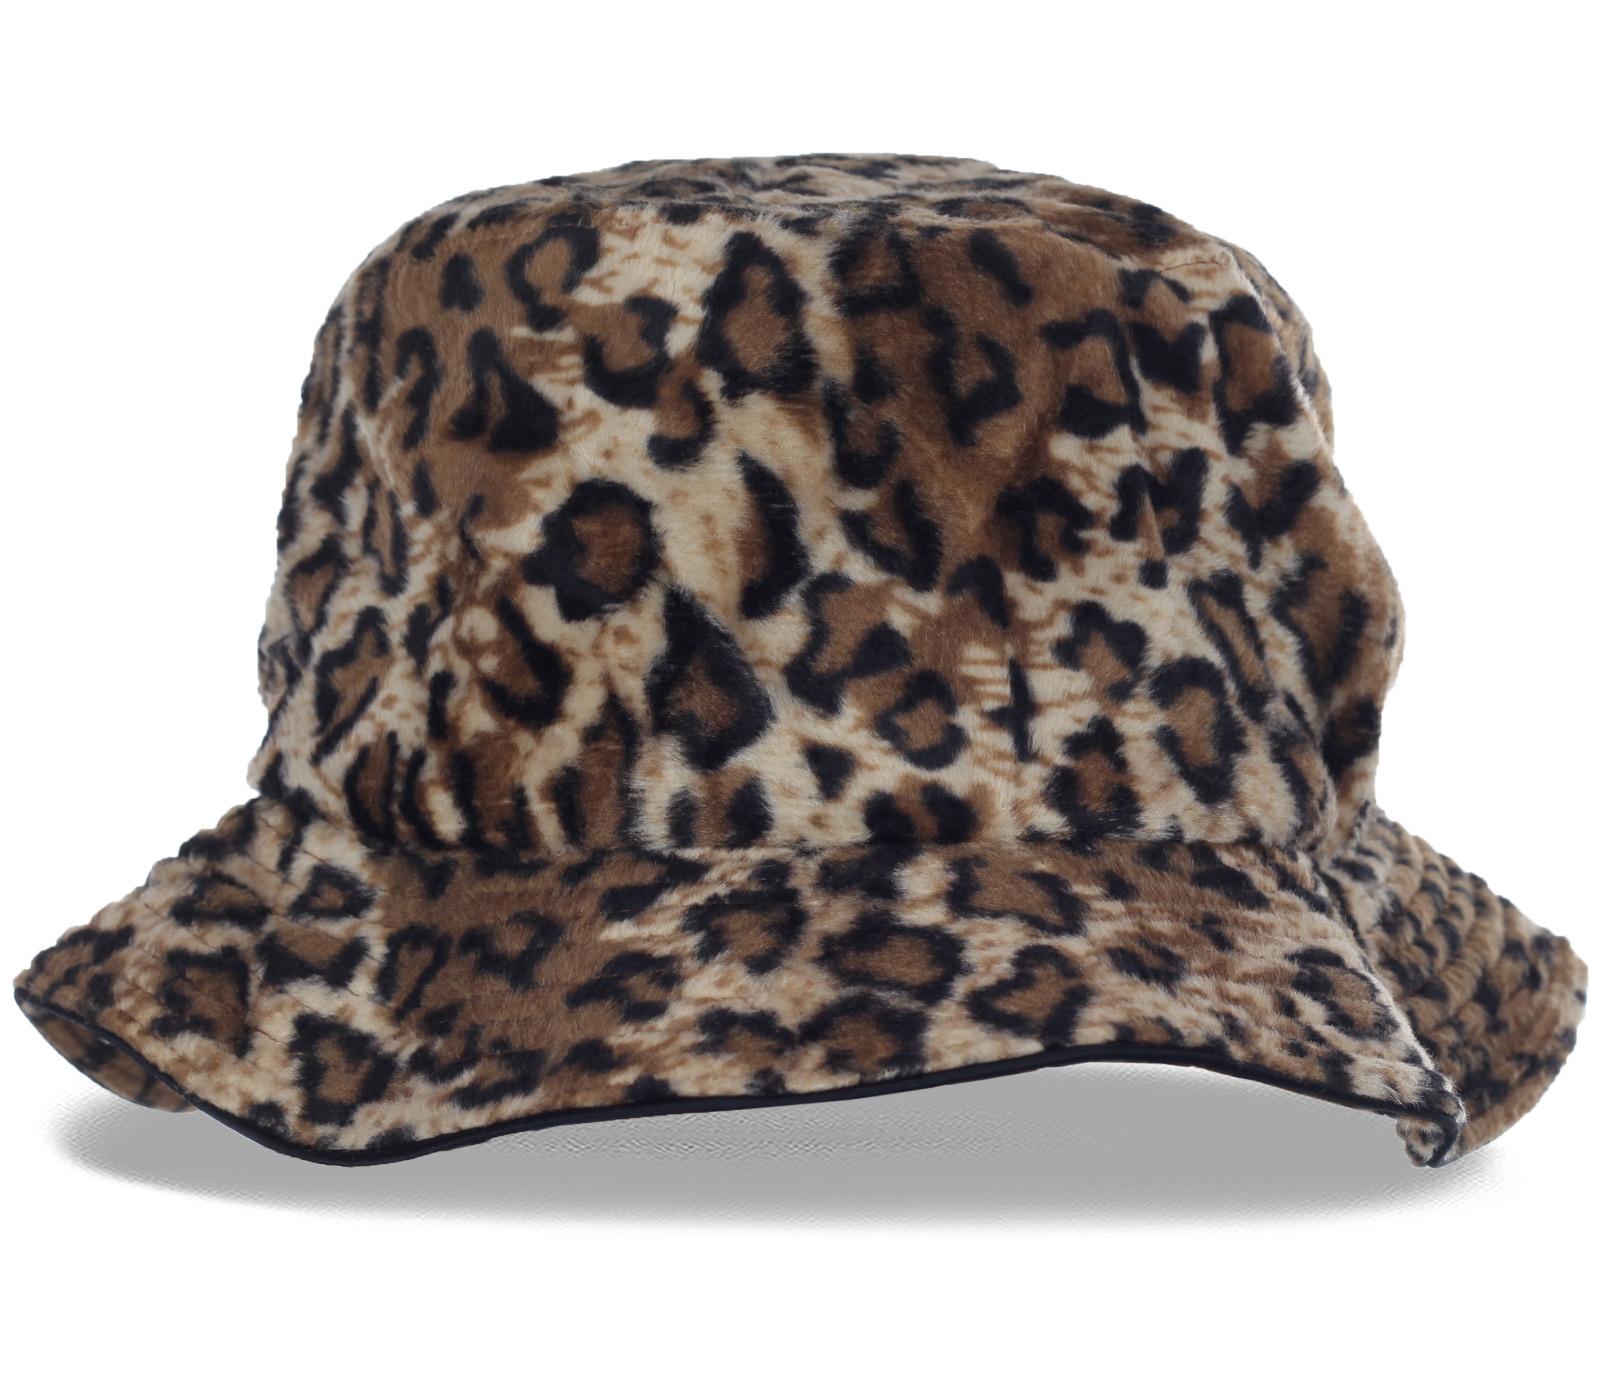 Новинка сезона - теплая шляпка хищной расцветки с мягкими полями. Ваш суперстильный и уникальный образ